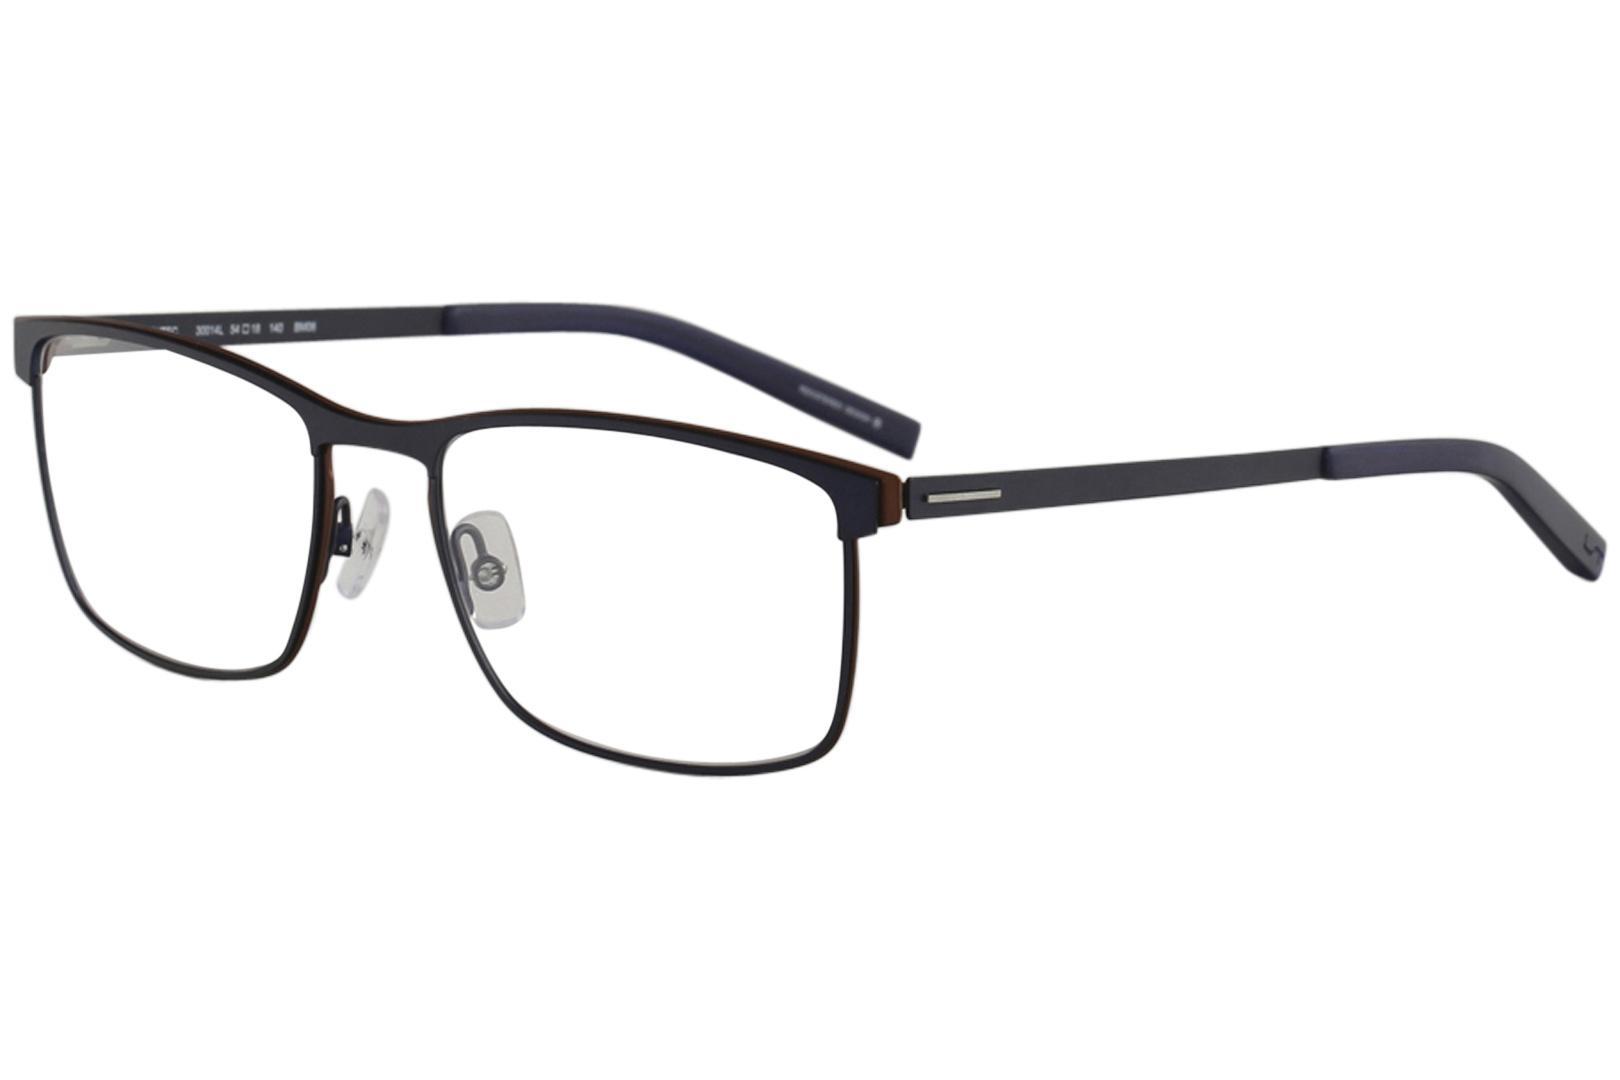 Image of Morel Men's Eyeglasses Lightec 30014L 30014/L Full Rim Optical Frame - Blue   BM06 - Lens 54 Bridge 18 Temple 140mm